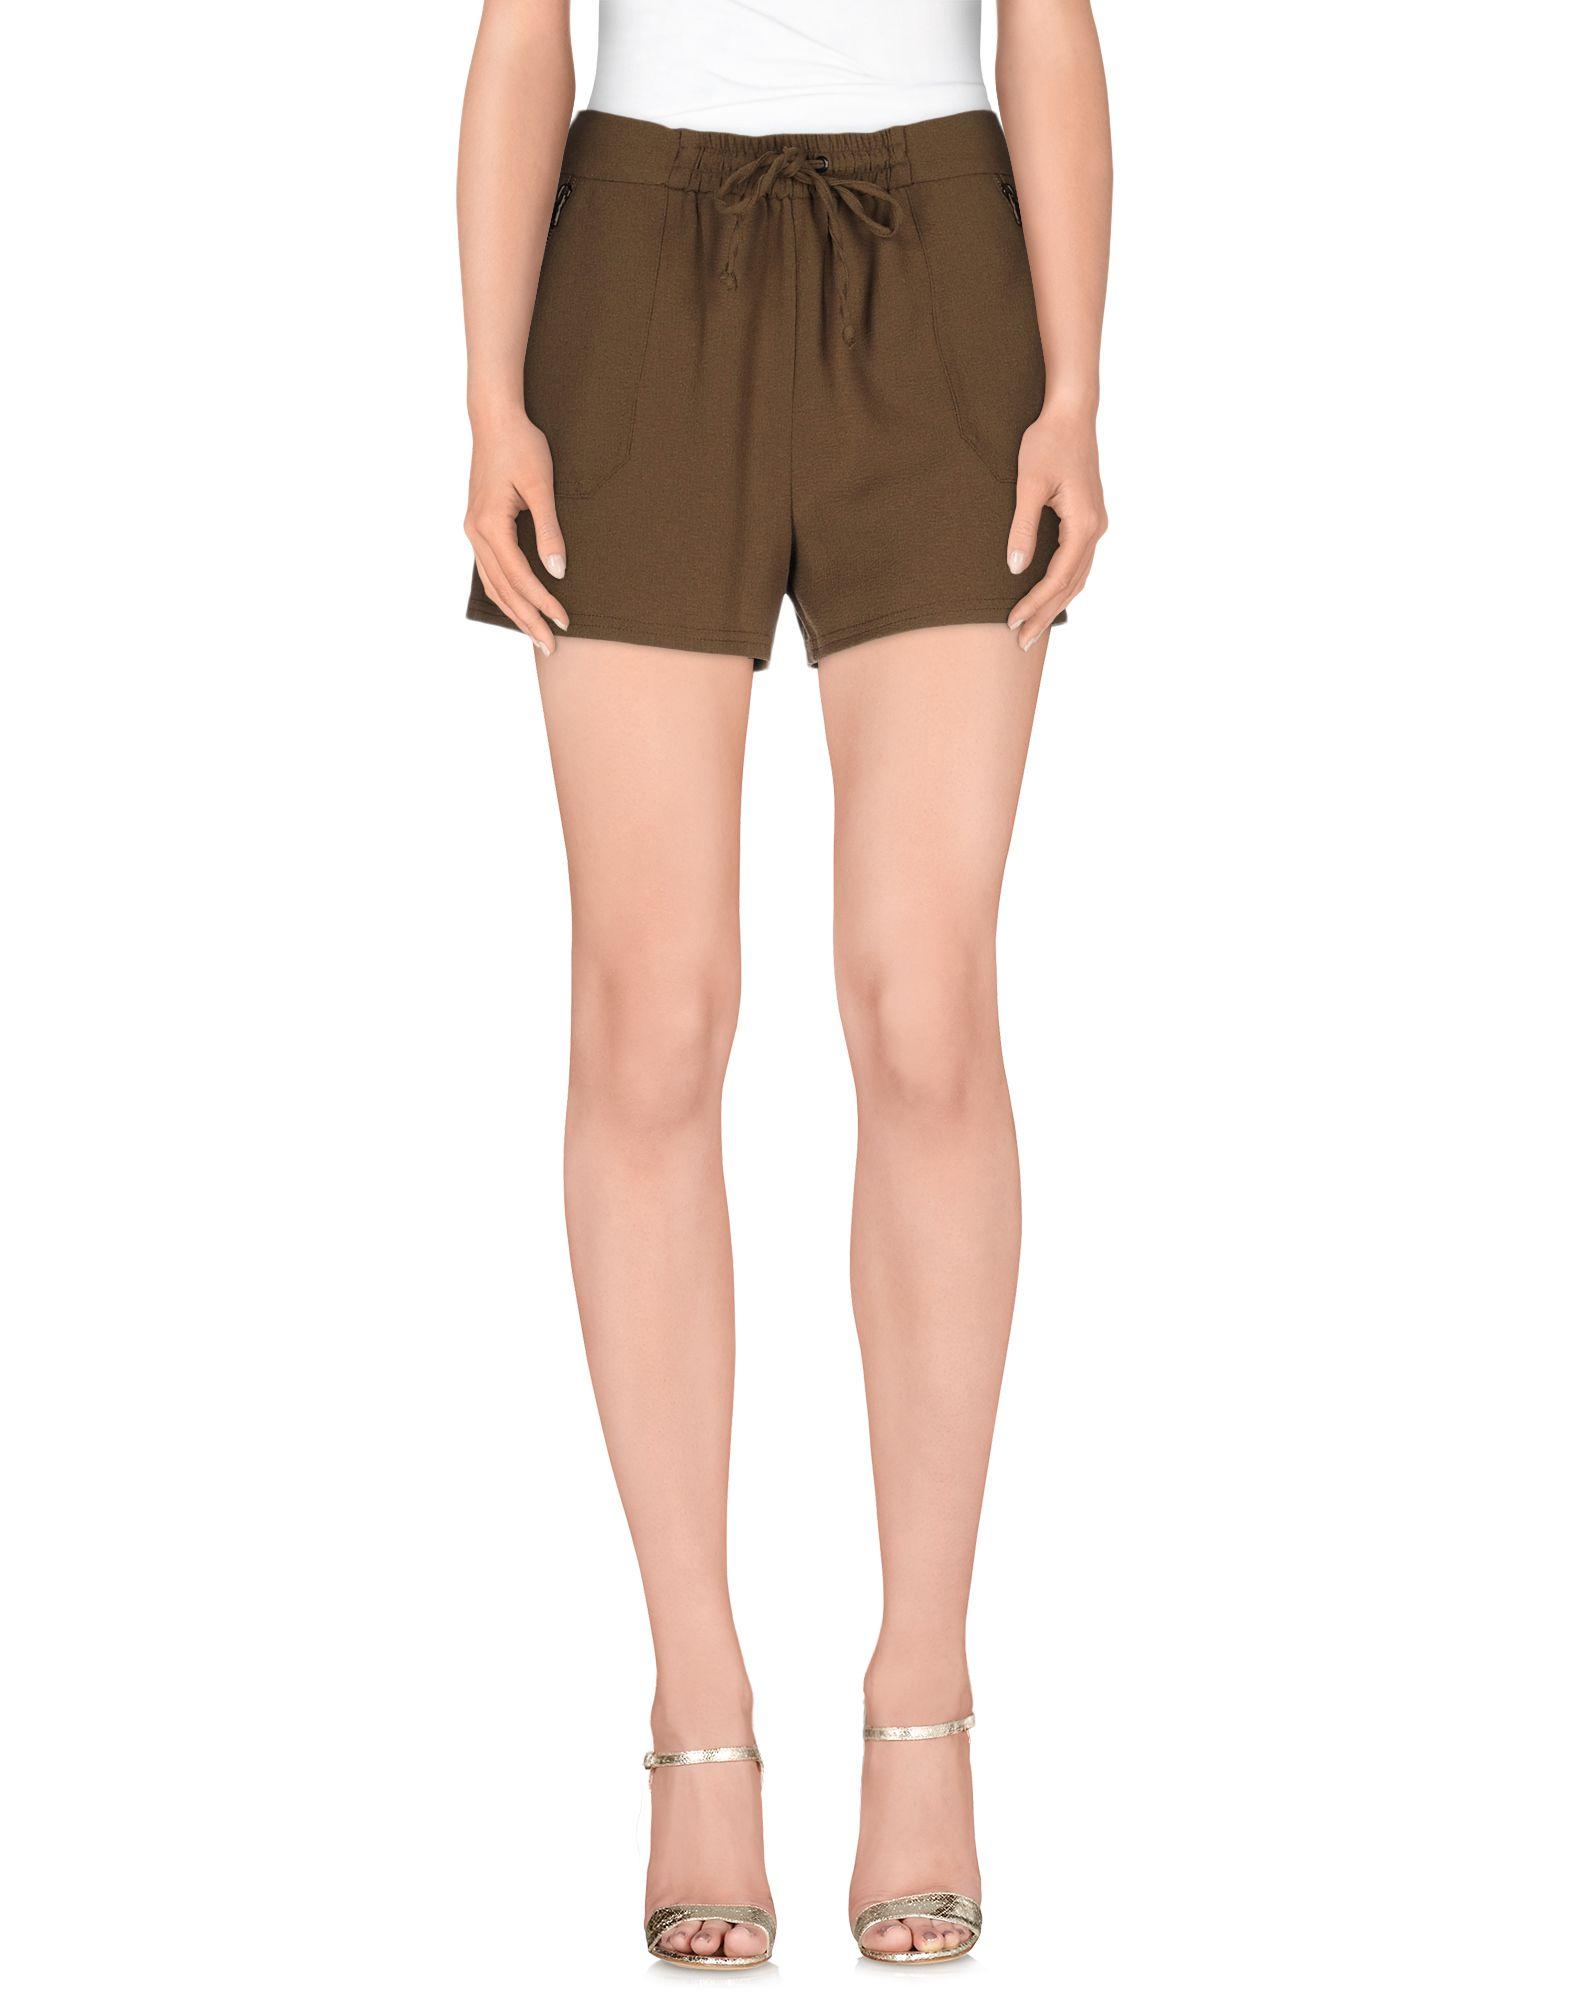 DEBY DEBO Damen Shorts Farbe Khaki Größe 6